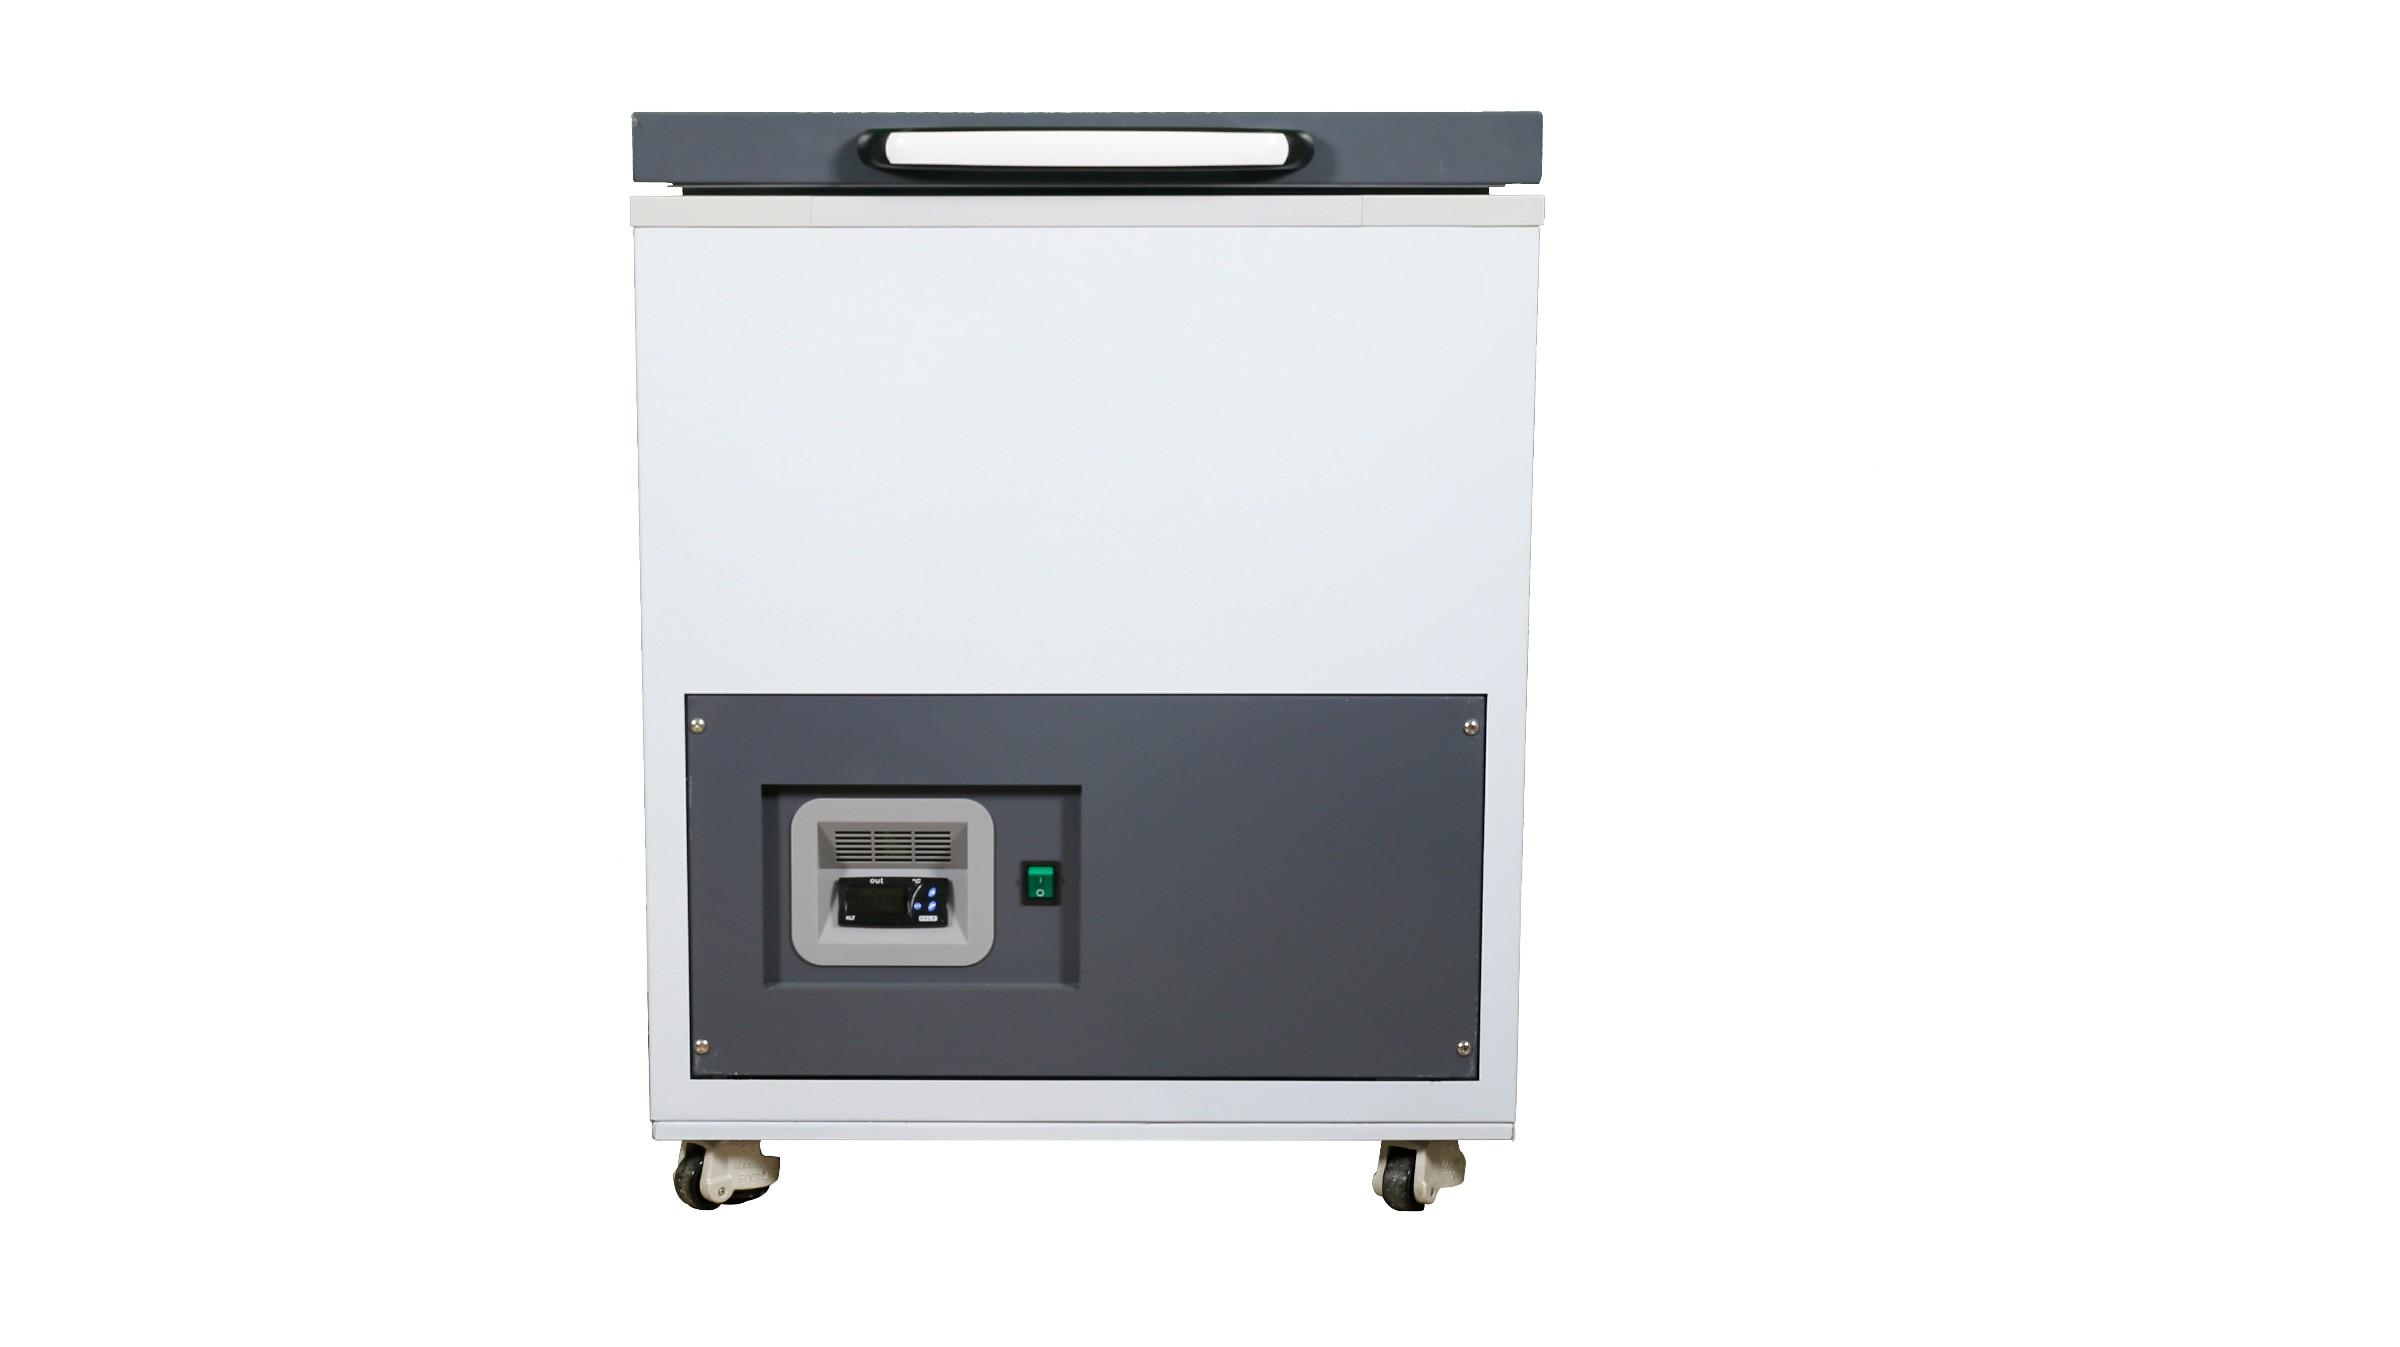 供应冰箱_分离机屏幕深圳划算的-180度冷冻机批售